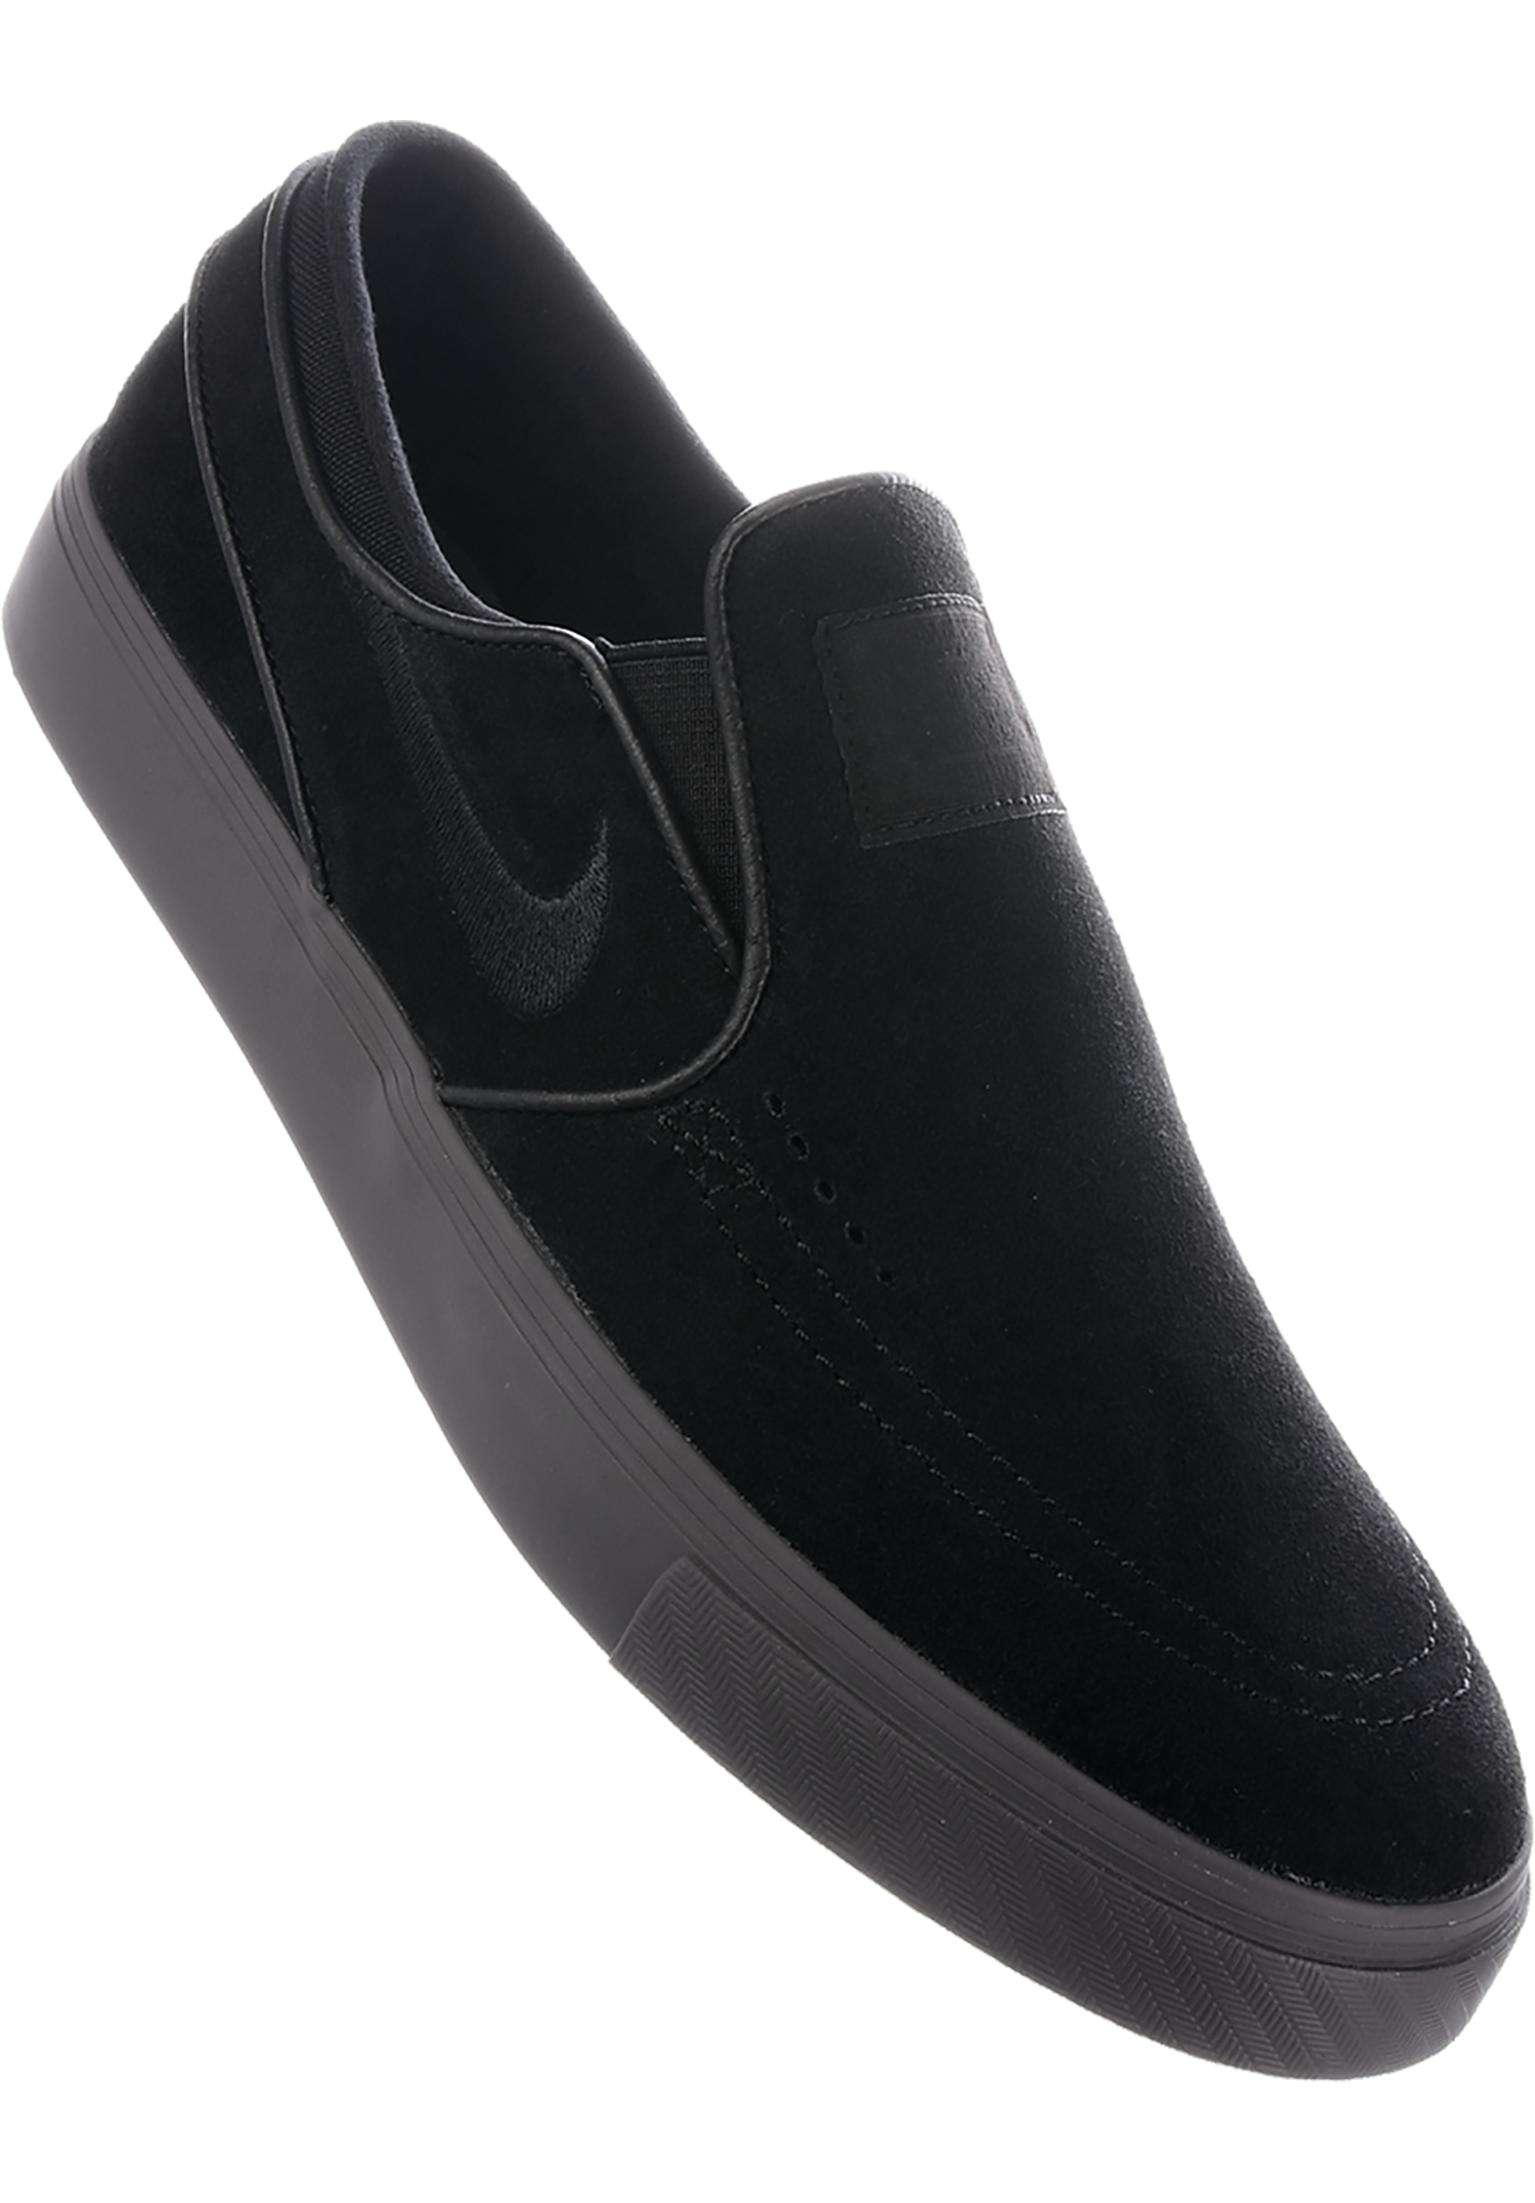 Zoom Stefan Janoski Slip On Nike SB All Shoes in black-black-thundergrey  for Men  22c8e7d01